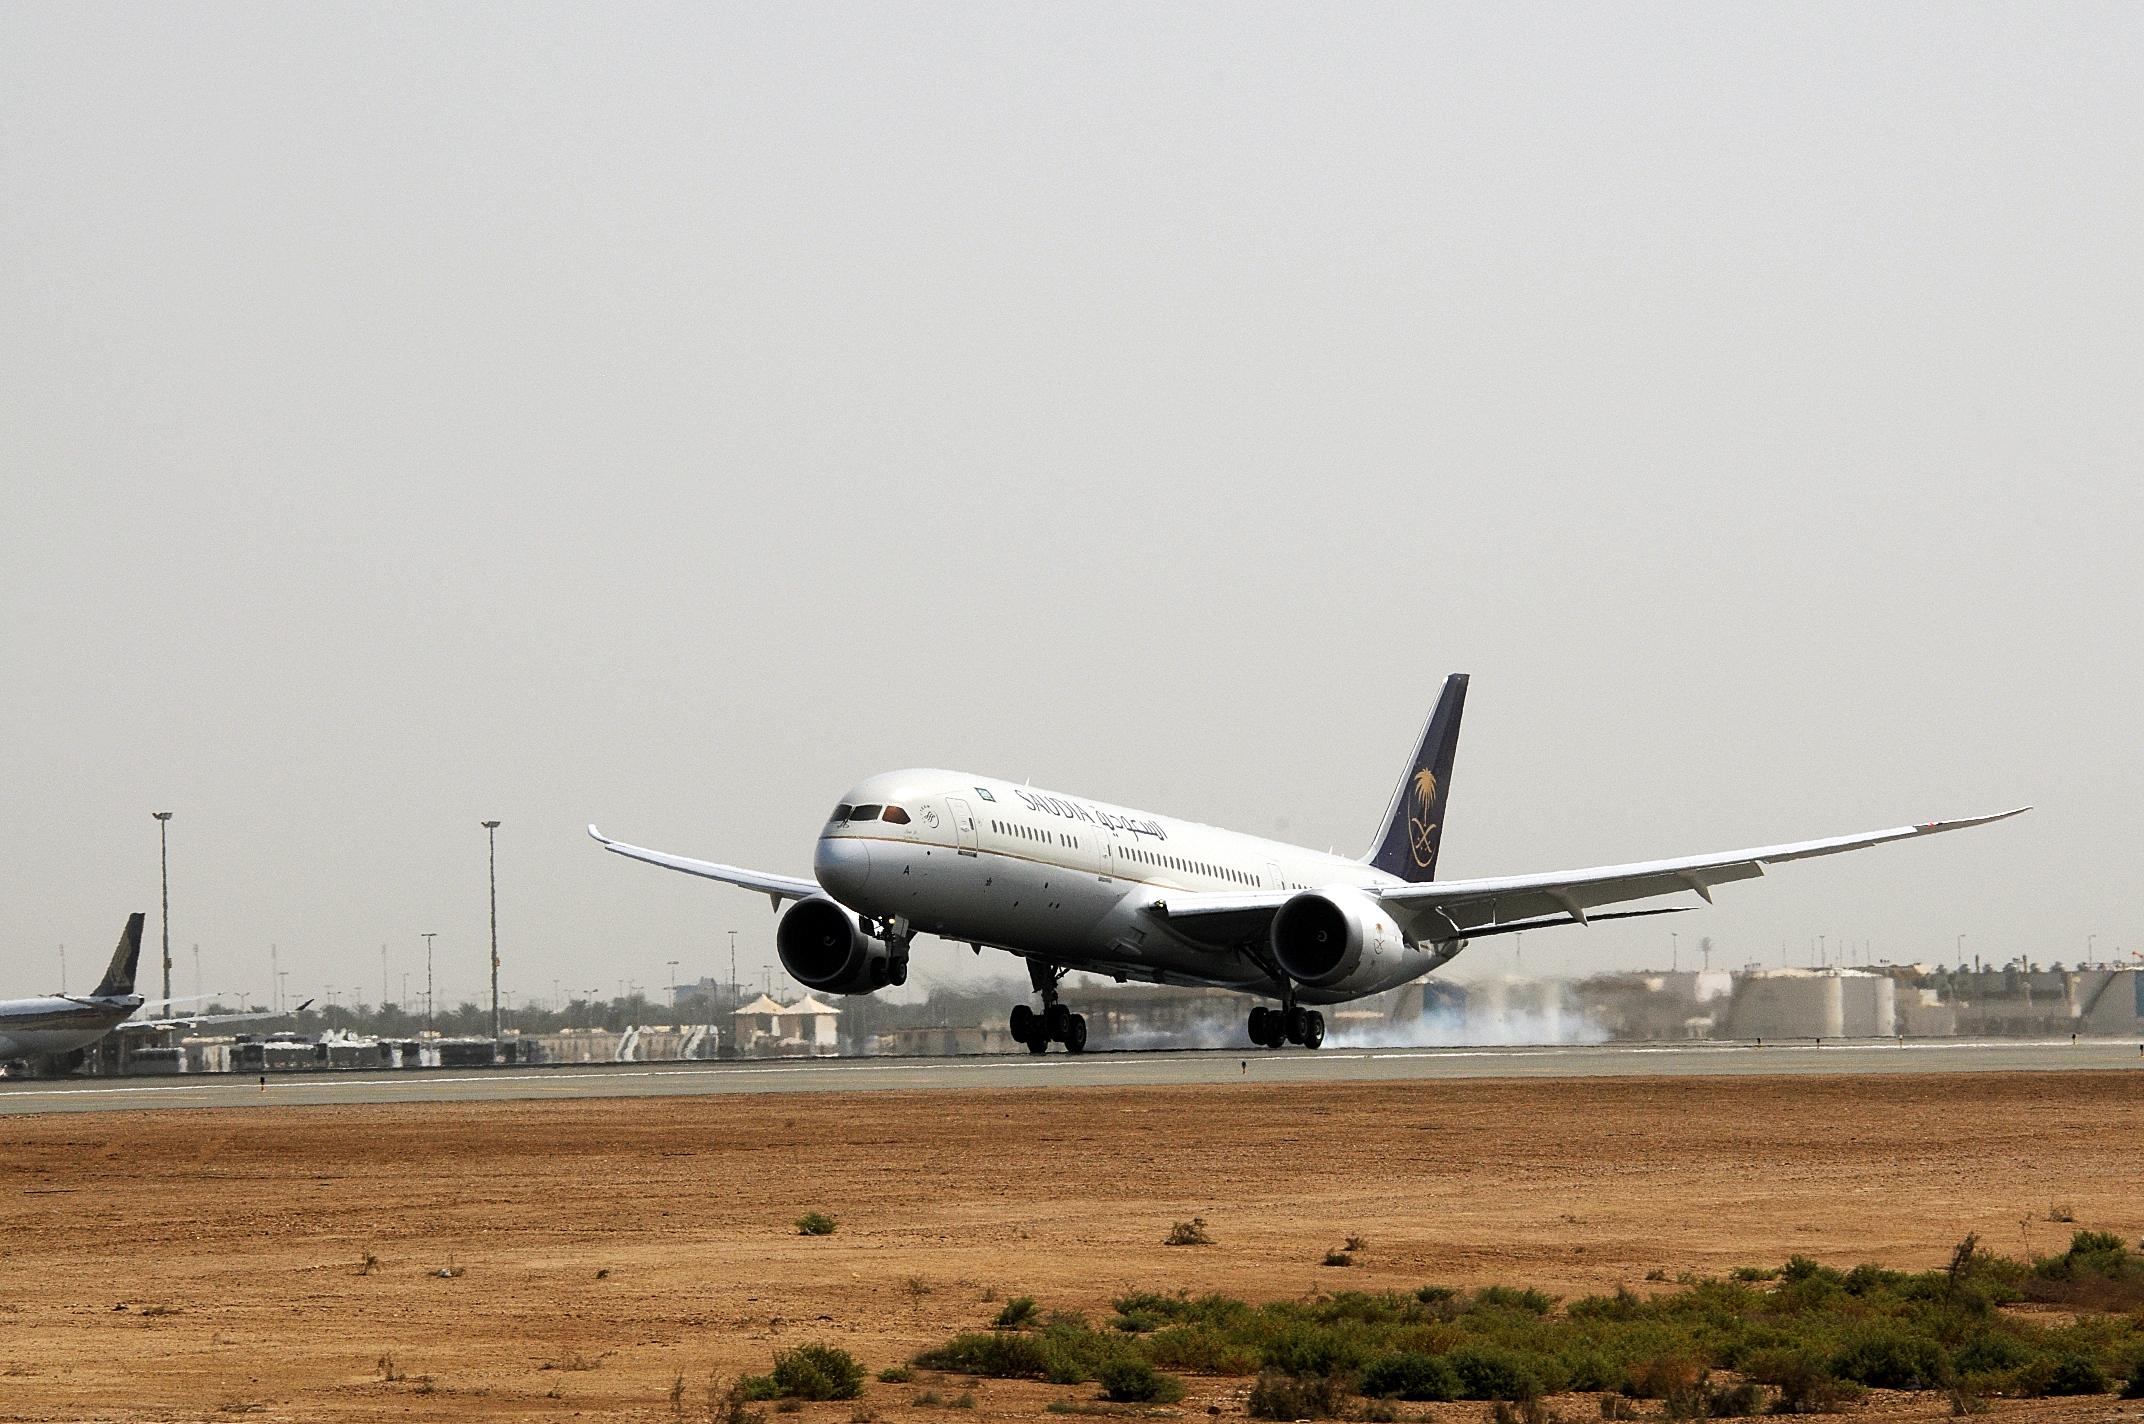 طائرات دريملاينر بالخطوط السعودية (1)